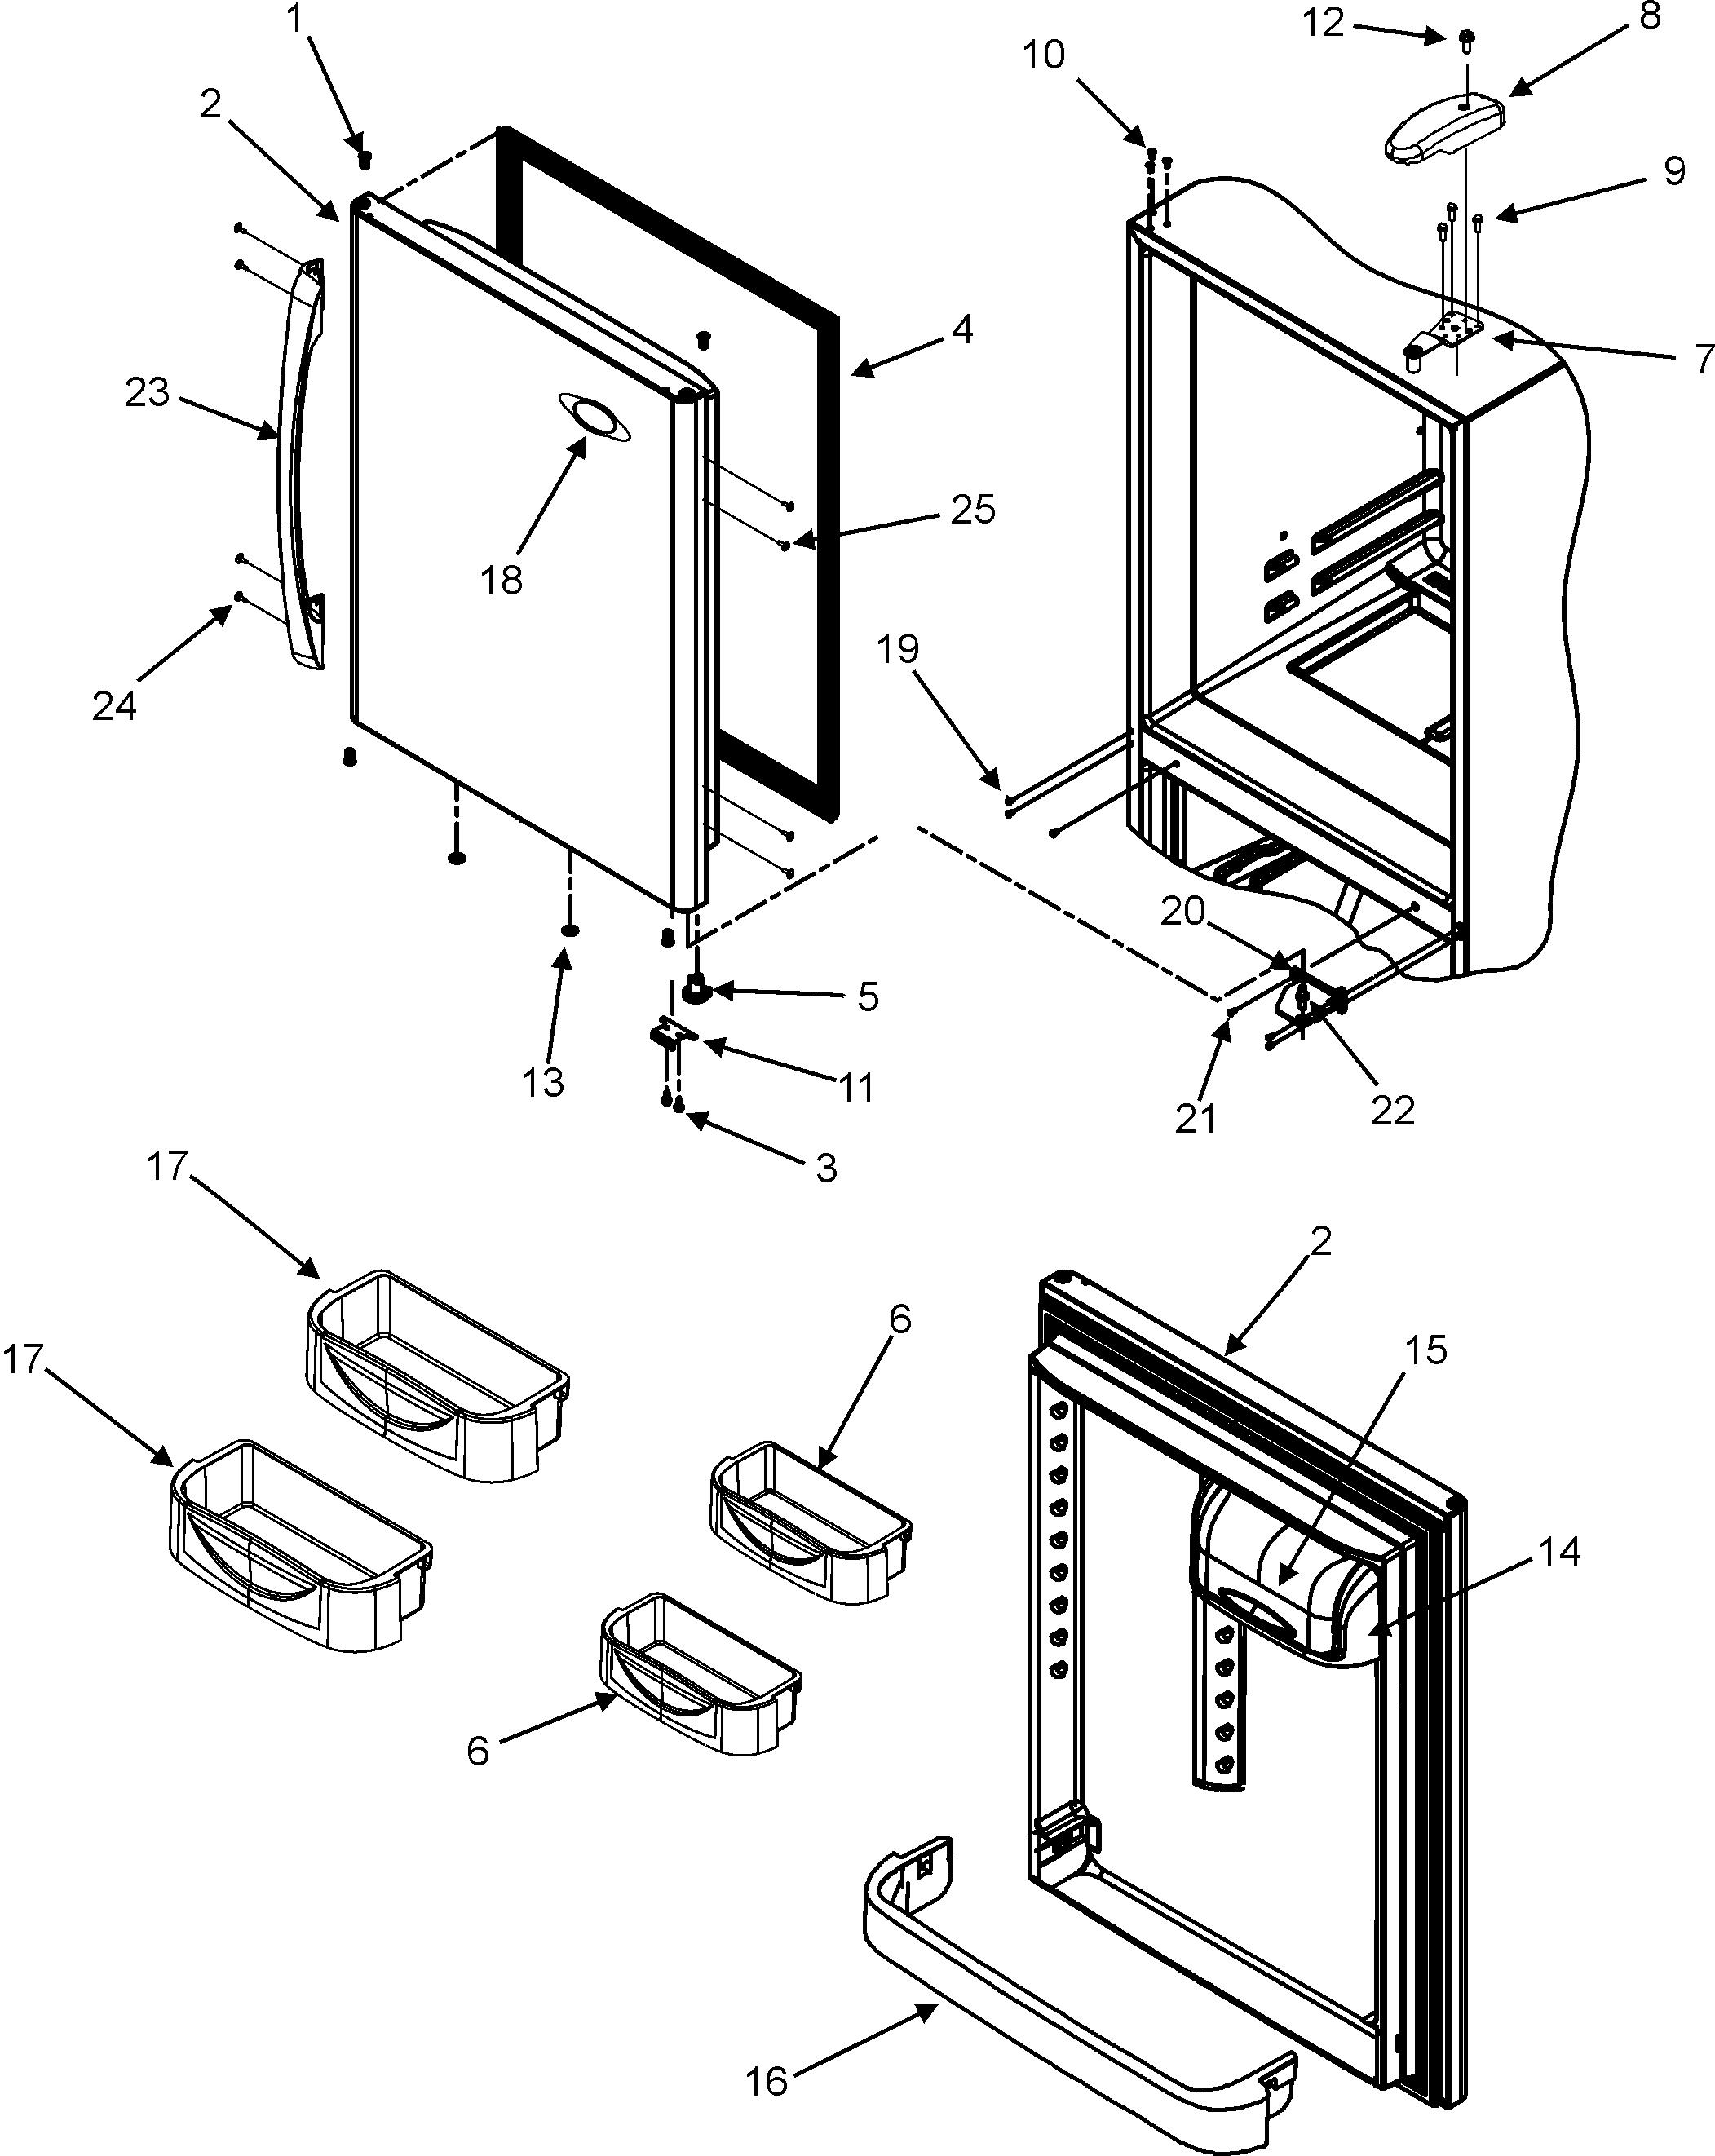 Maytag model MBF1956KEB bottom-mount refrigerator genuine